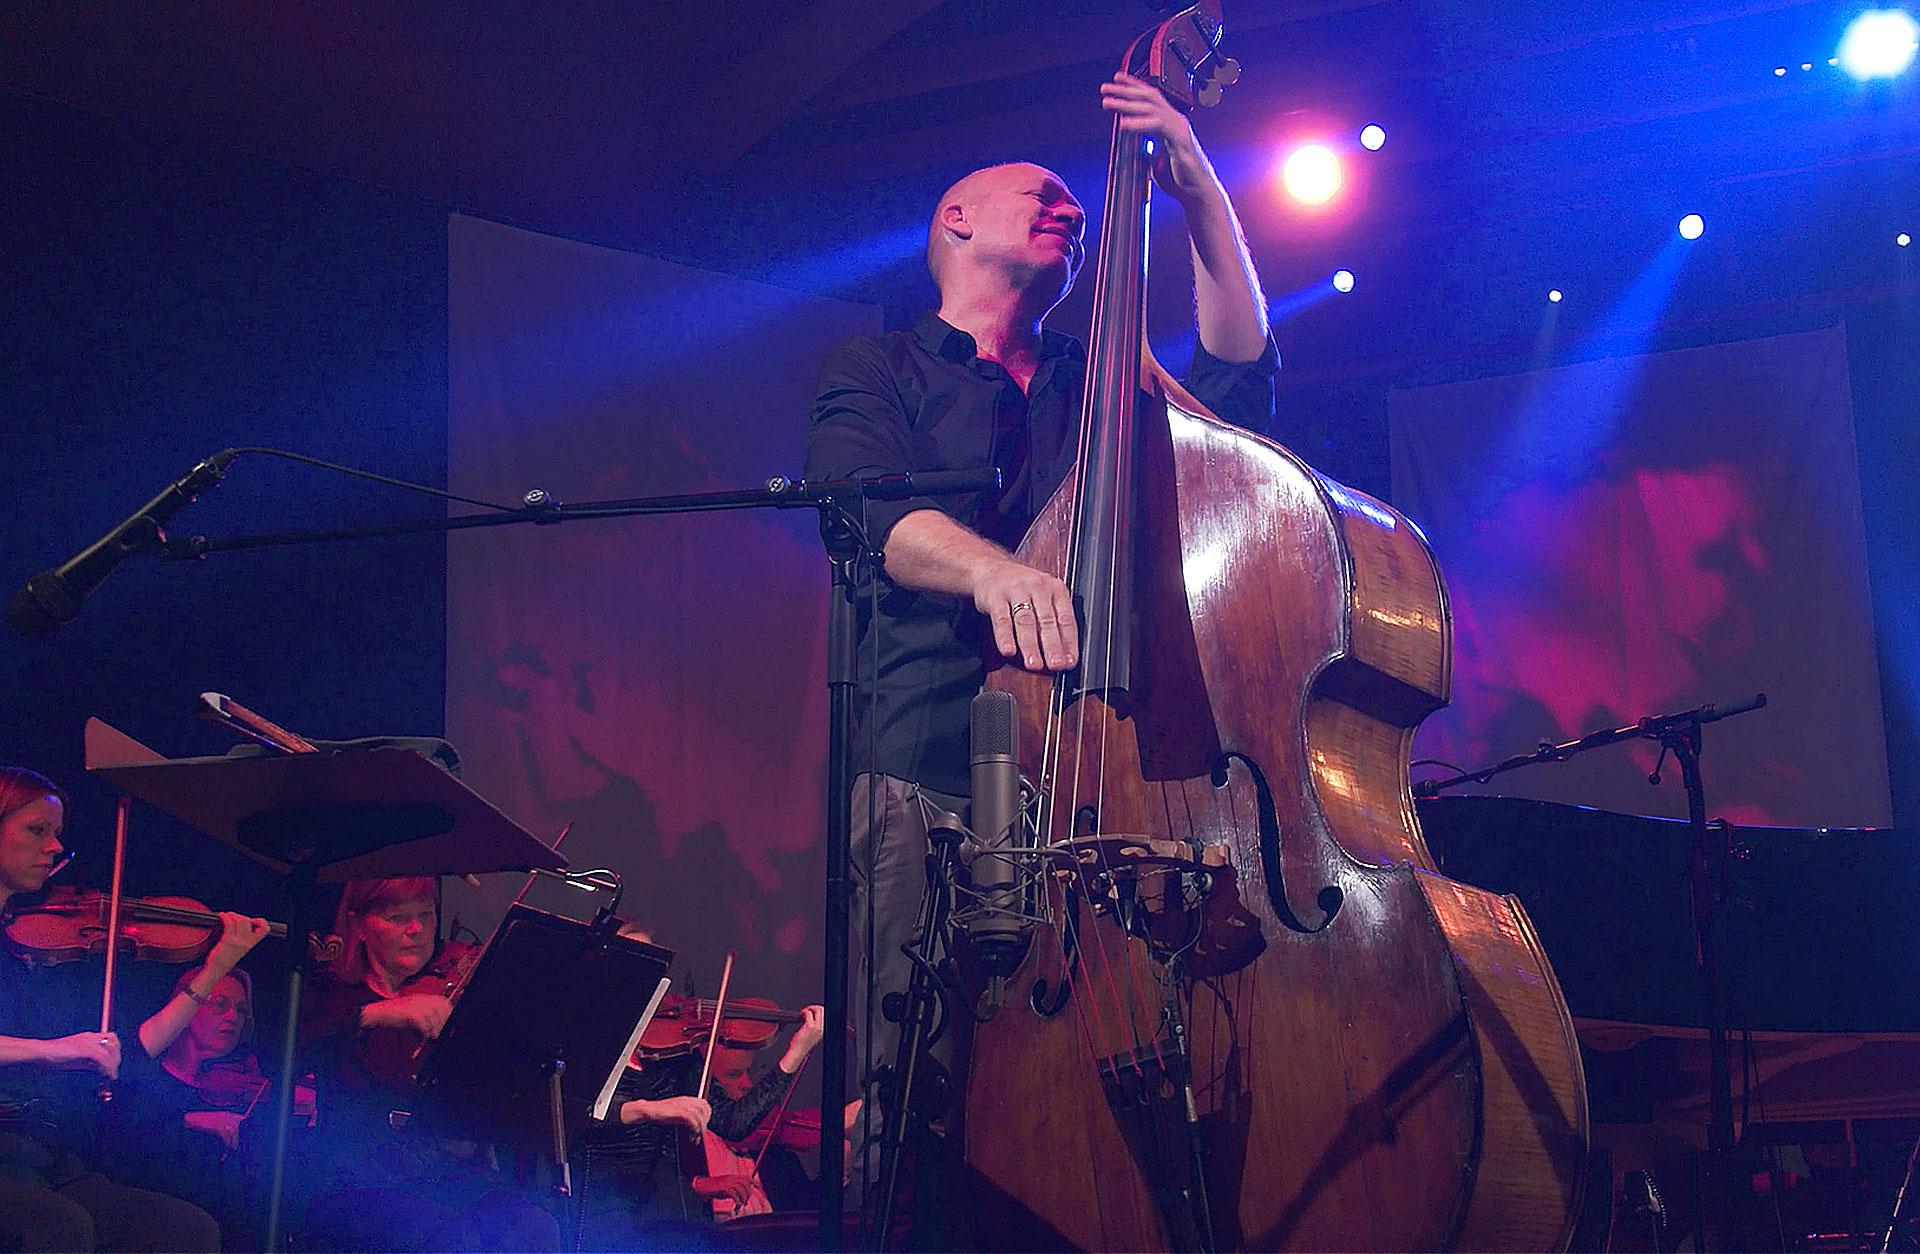 Jazzbasisten Avishai Cohen på scenen i blått ljus tillsammans med Symfonikerna, han ser nöjd ut.